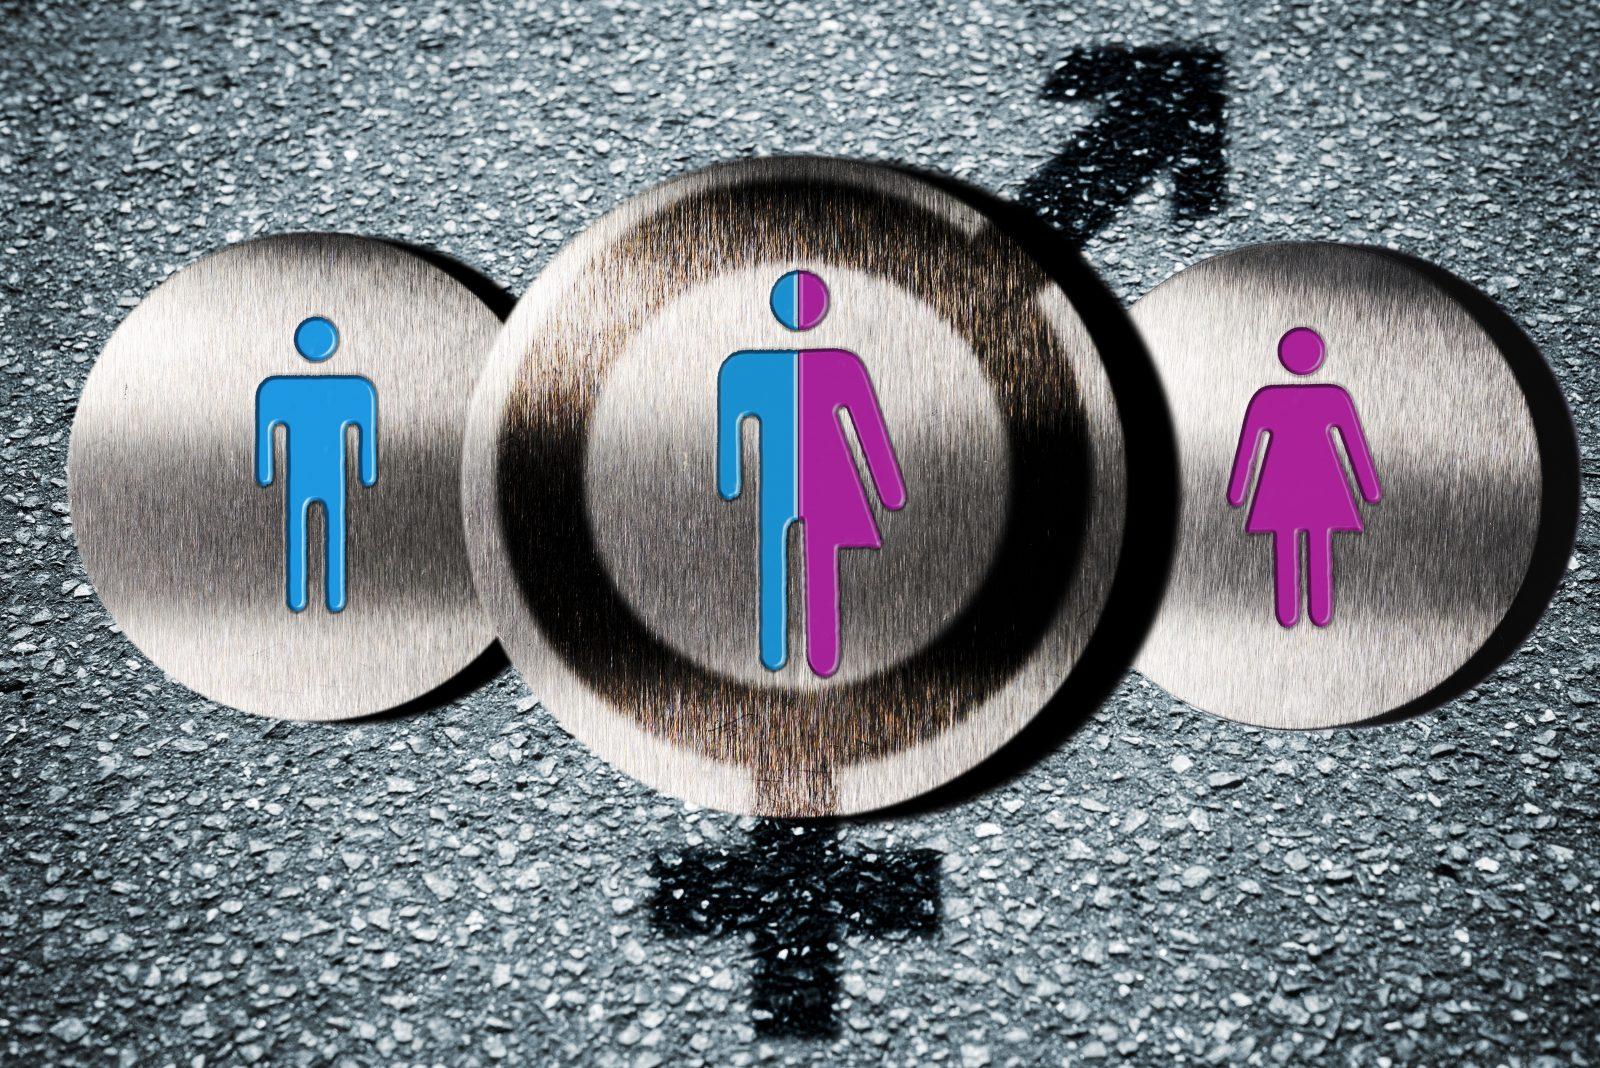 Intersexualität: Einer Studie zufolge fühlen sich Zwitter am Arbeitsplatz diskriminiert